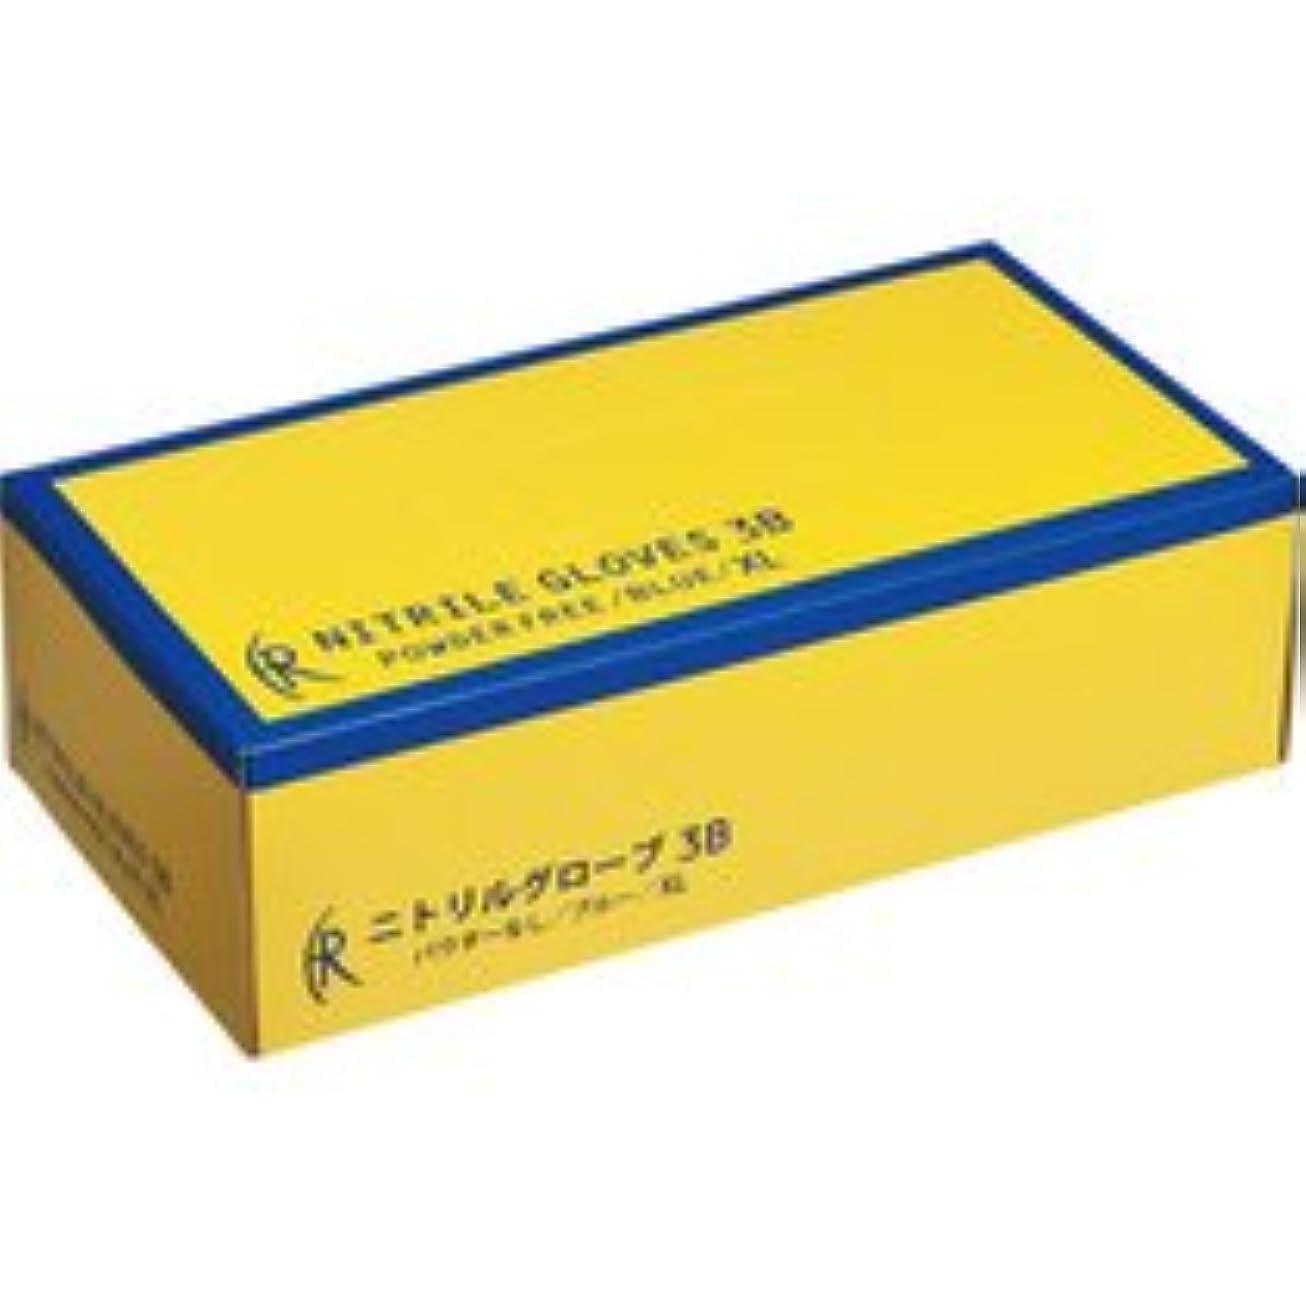 除外する哲学的王室ファーストレイト ニトリルグローブ3B パウダーフリー XL FR-5664 1箱(200枚)